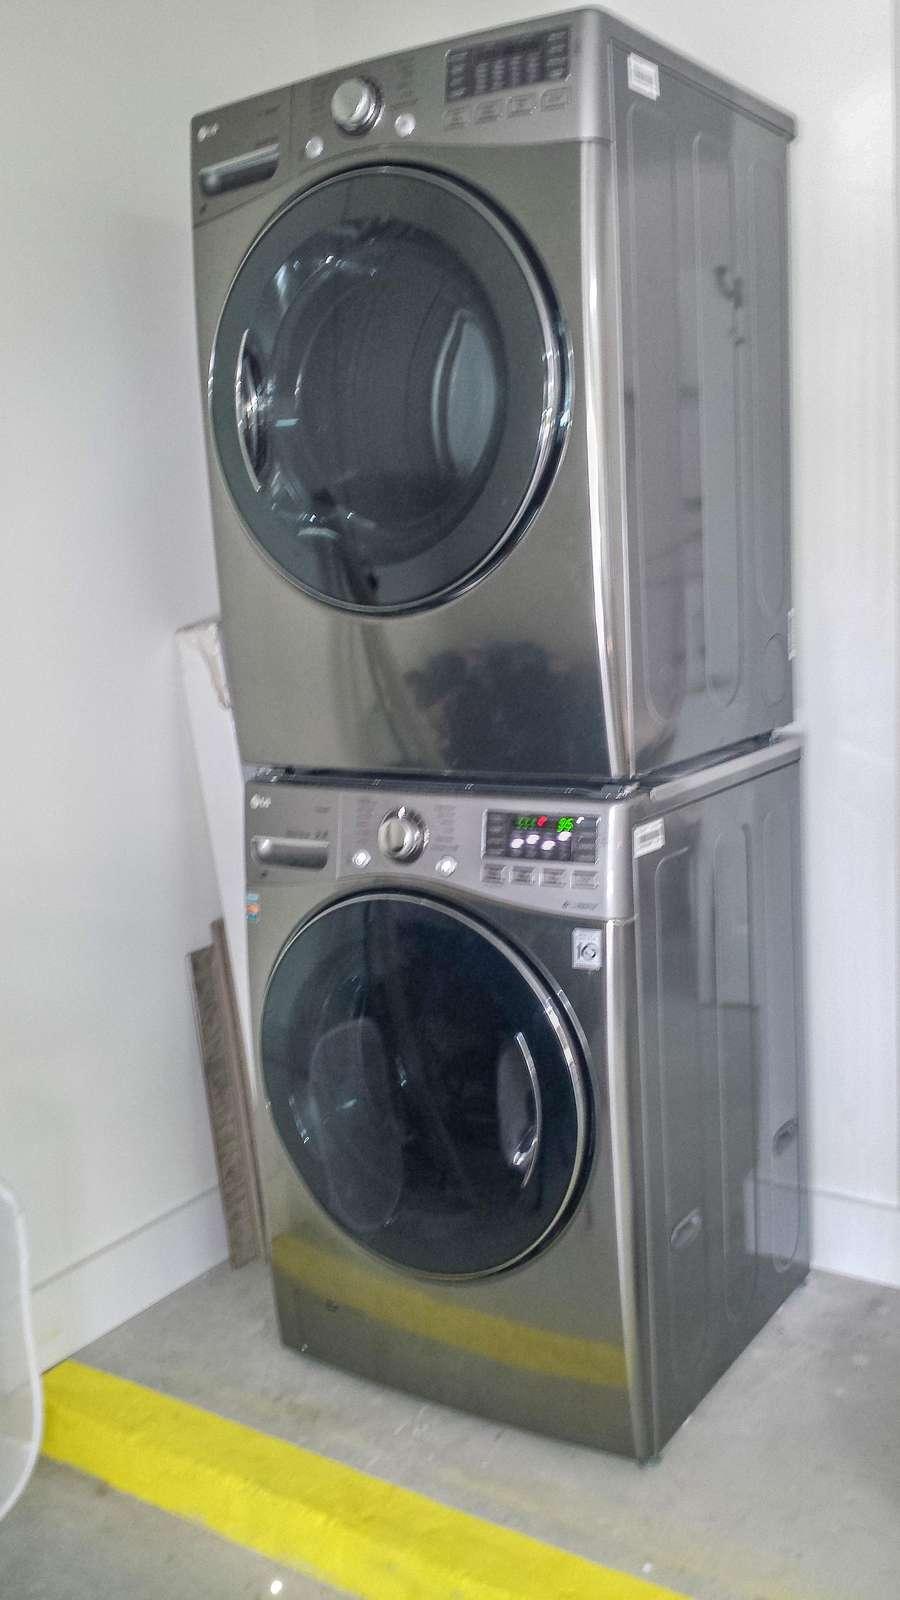 Washer / Dryer in Garage